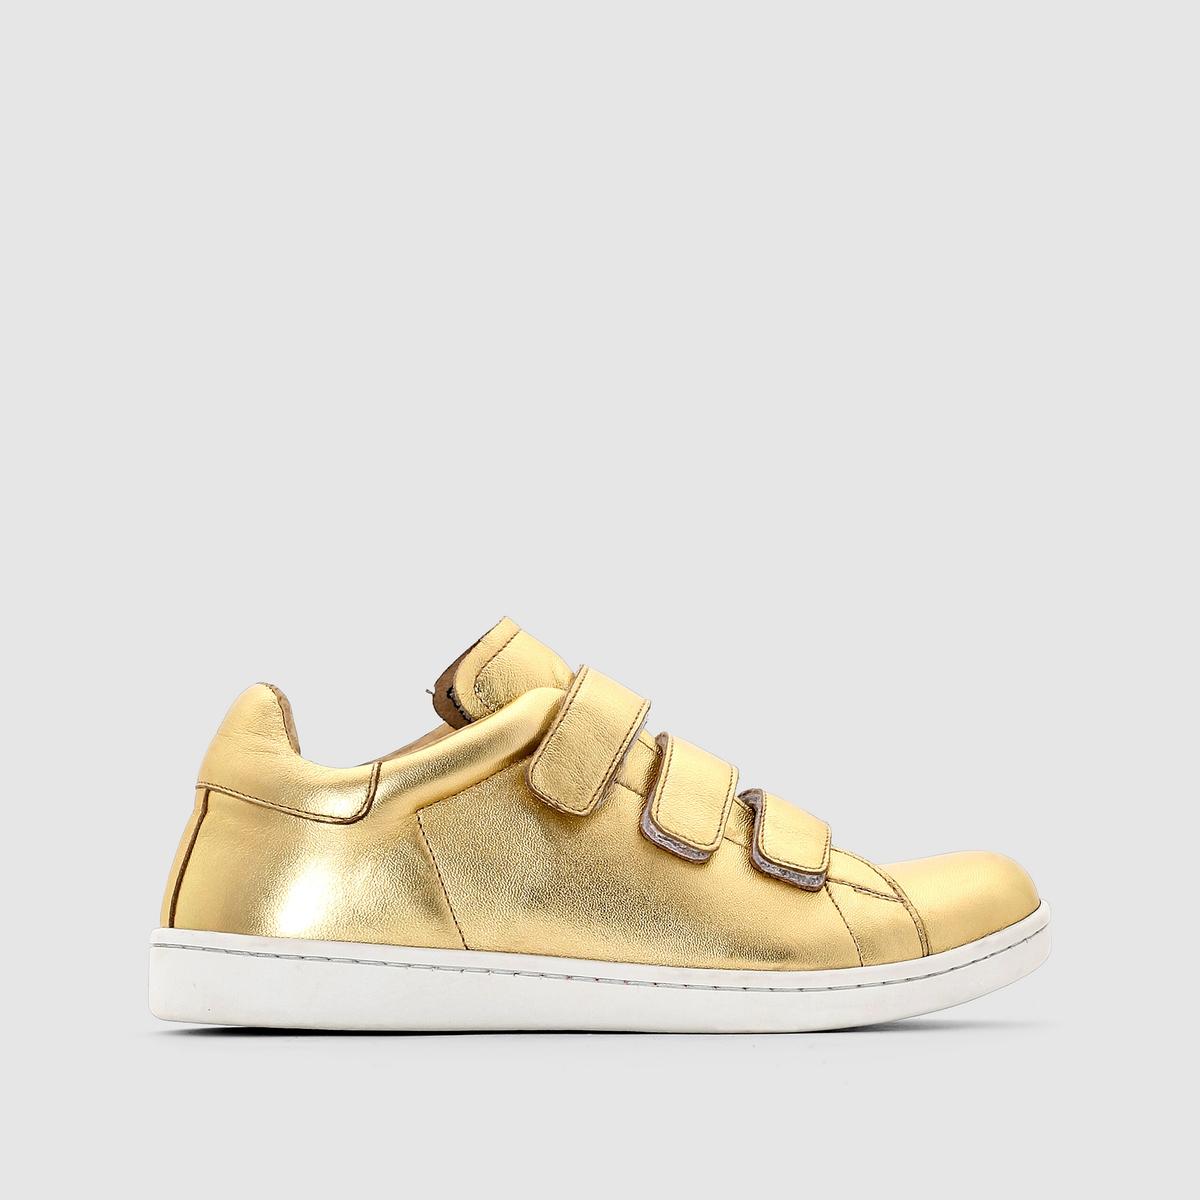 Кроссовки низкие JONAK DOICKПреимущества: : кроссовки фирмы JONAK самых изысканных расцветок сверкают и переливаются всеми цветами радуги.<br><br>Цвет: золотистый<br>Размер: 36.37.38.39